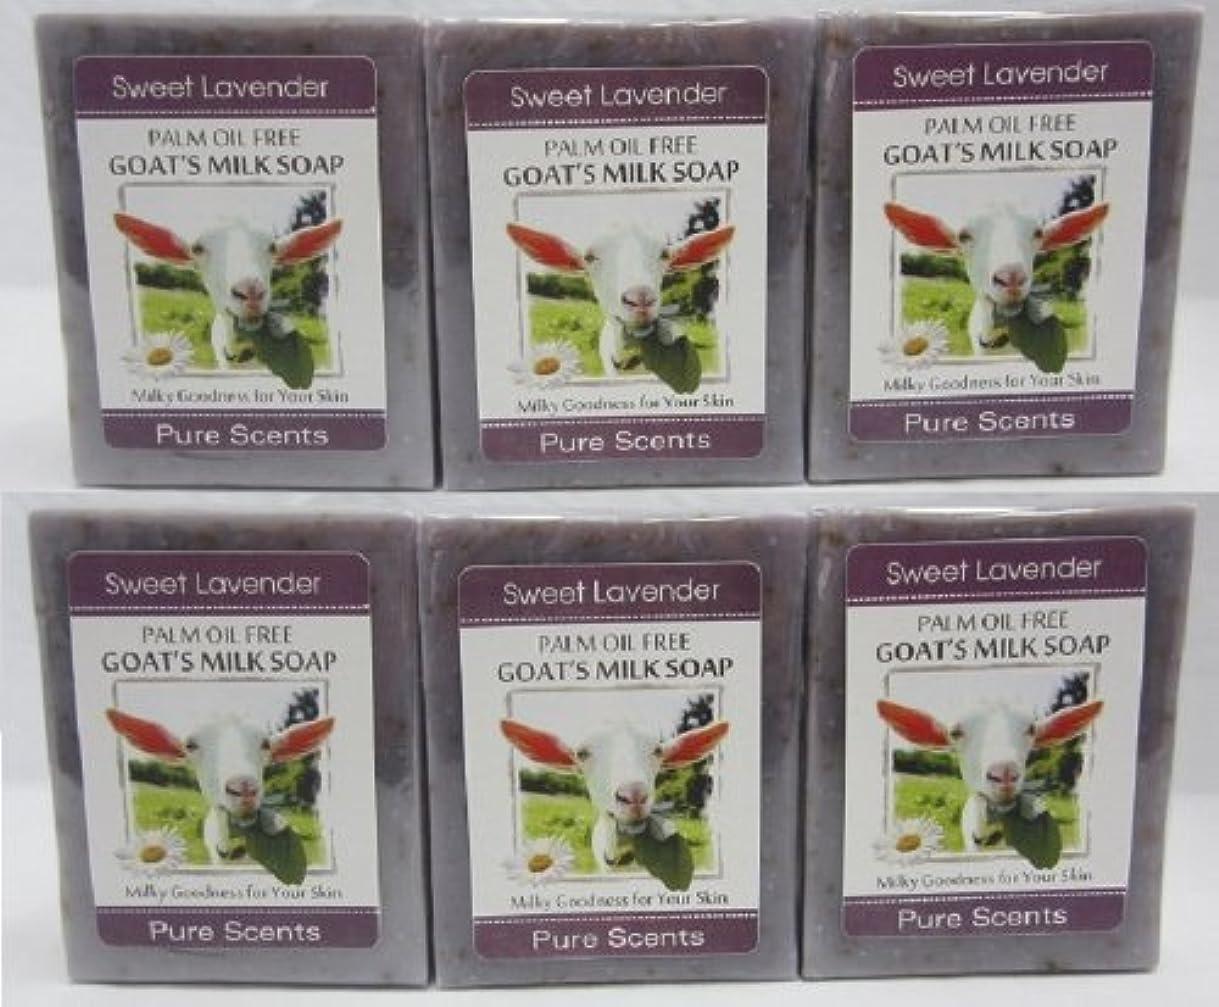 テレマコス司教書店【Pure Scents】Goat's Milk Soap ヤギのミルクせっけん 6個セット Sweet Lavender スイートラベンダー